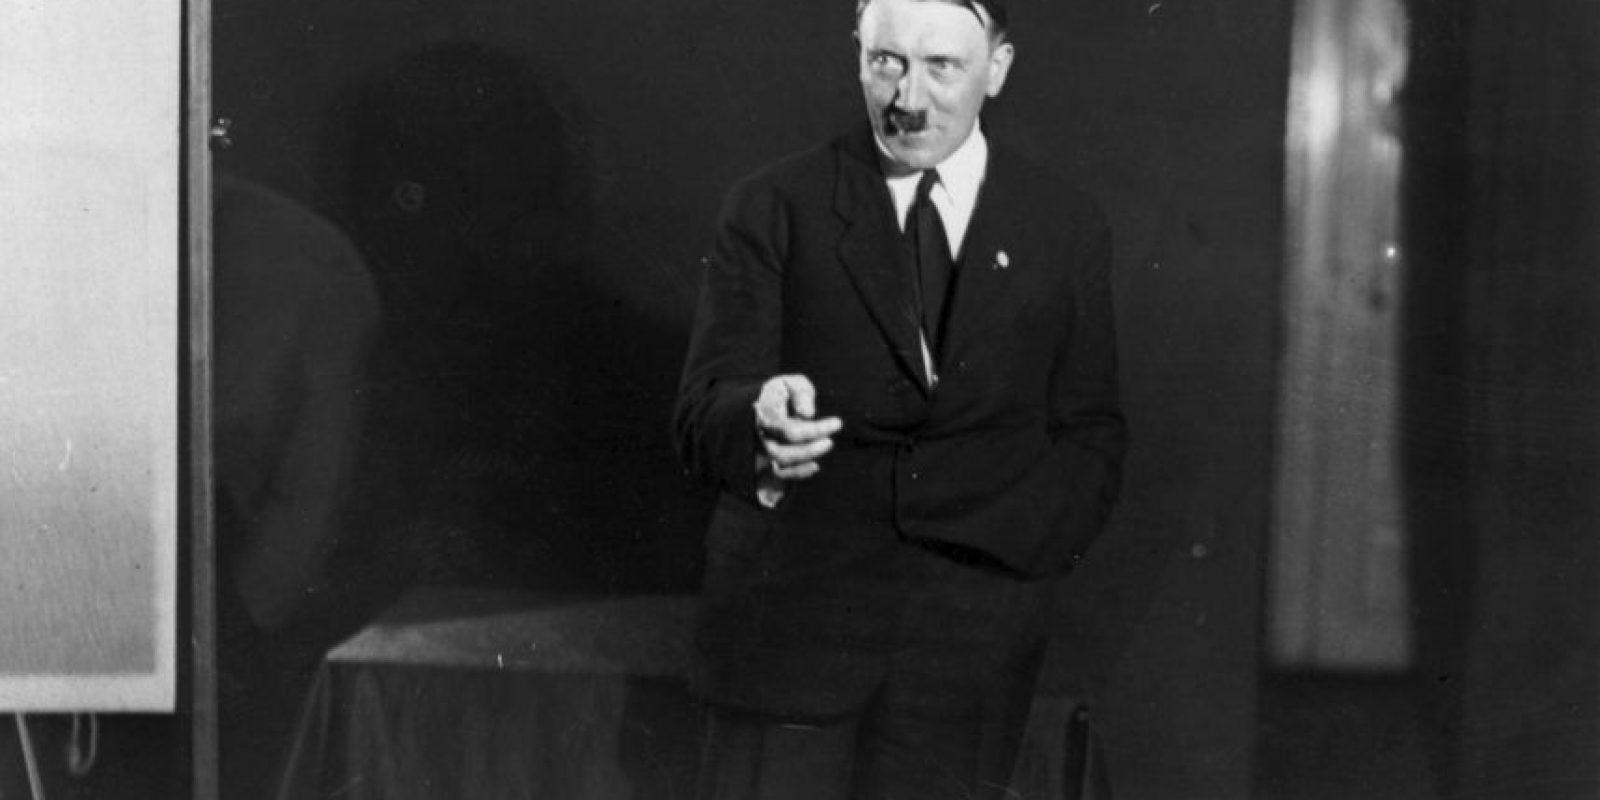 Después de que los nazis no le permitieran obtenerlo en 1938 por su origen judío. Foto:Getty Images